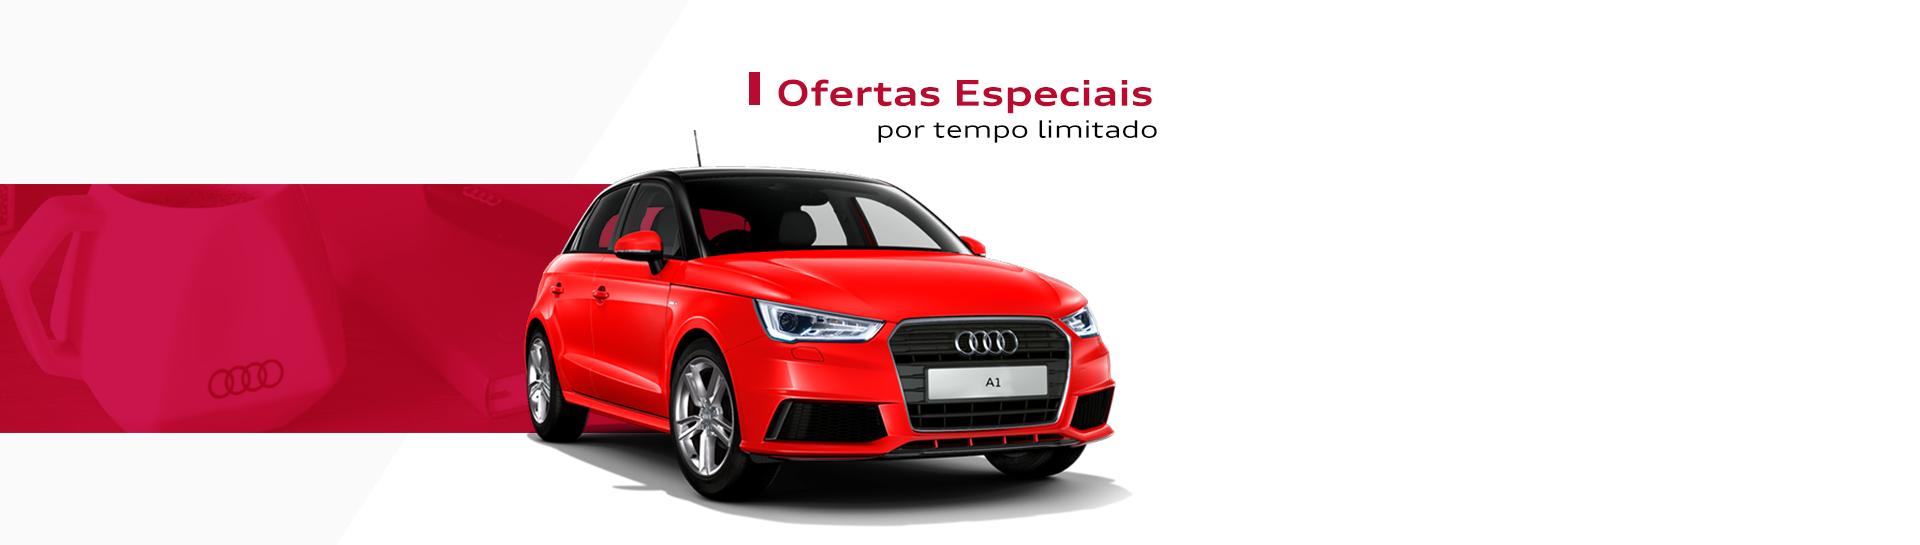 Ofertas Especiais Audi